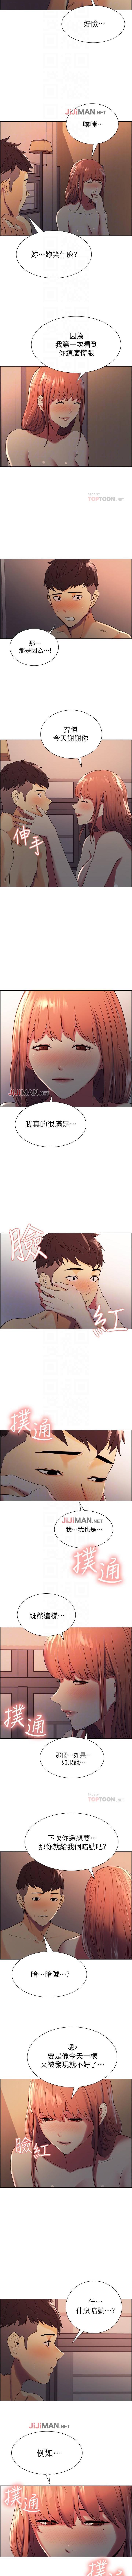 【周二连载】室友招募中(作者:Serious) 第1~15话 82